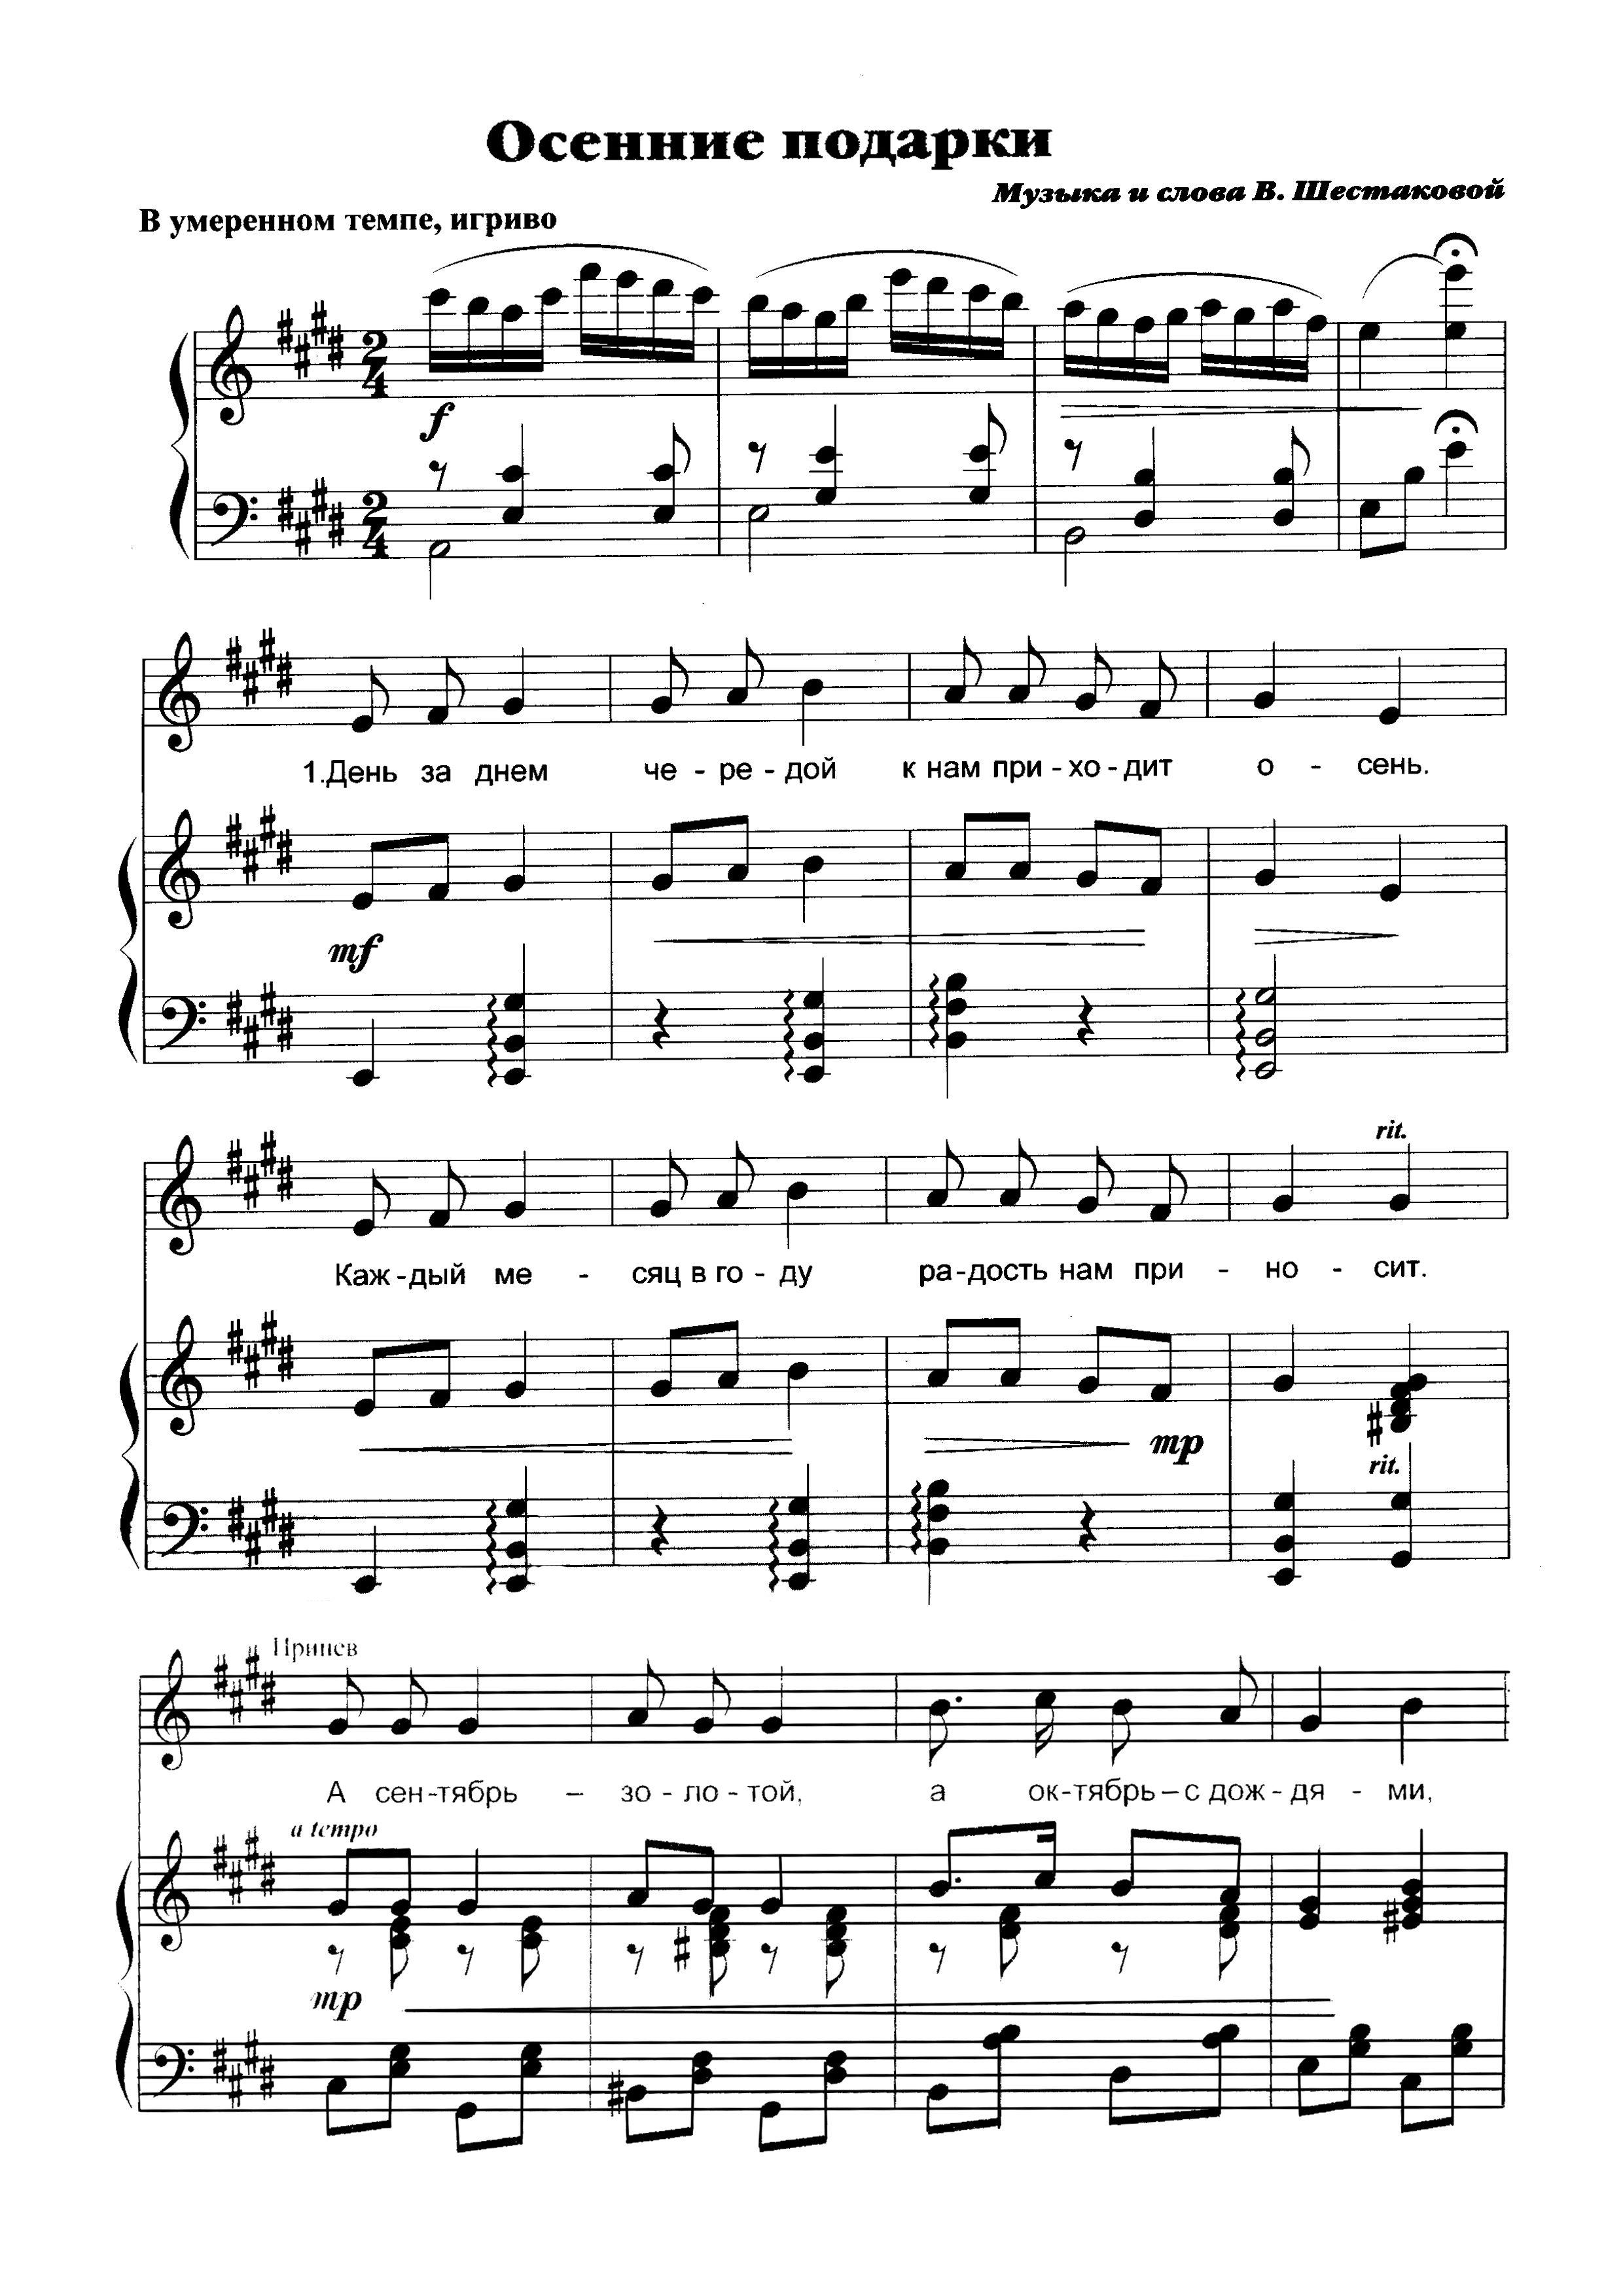 Осенние мелодии скачать бесплатно mp3